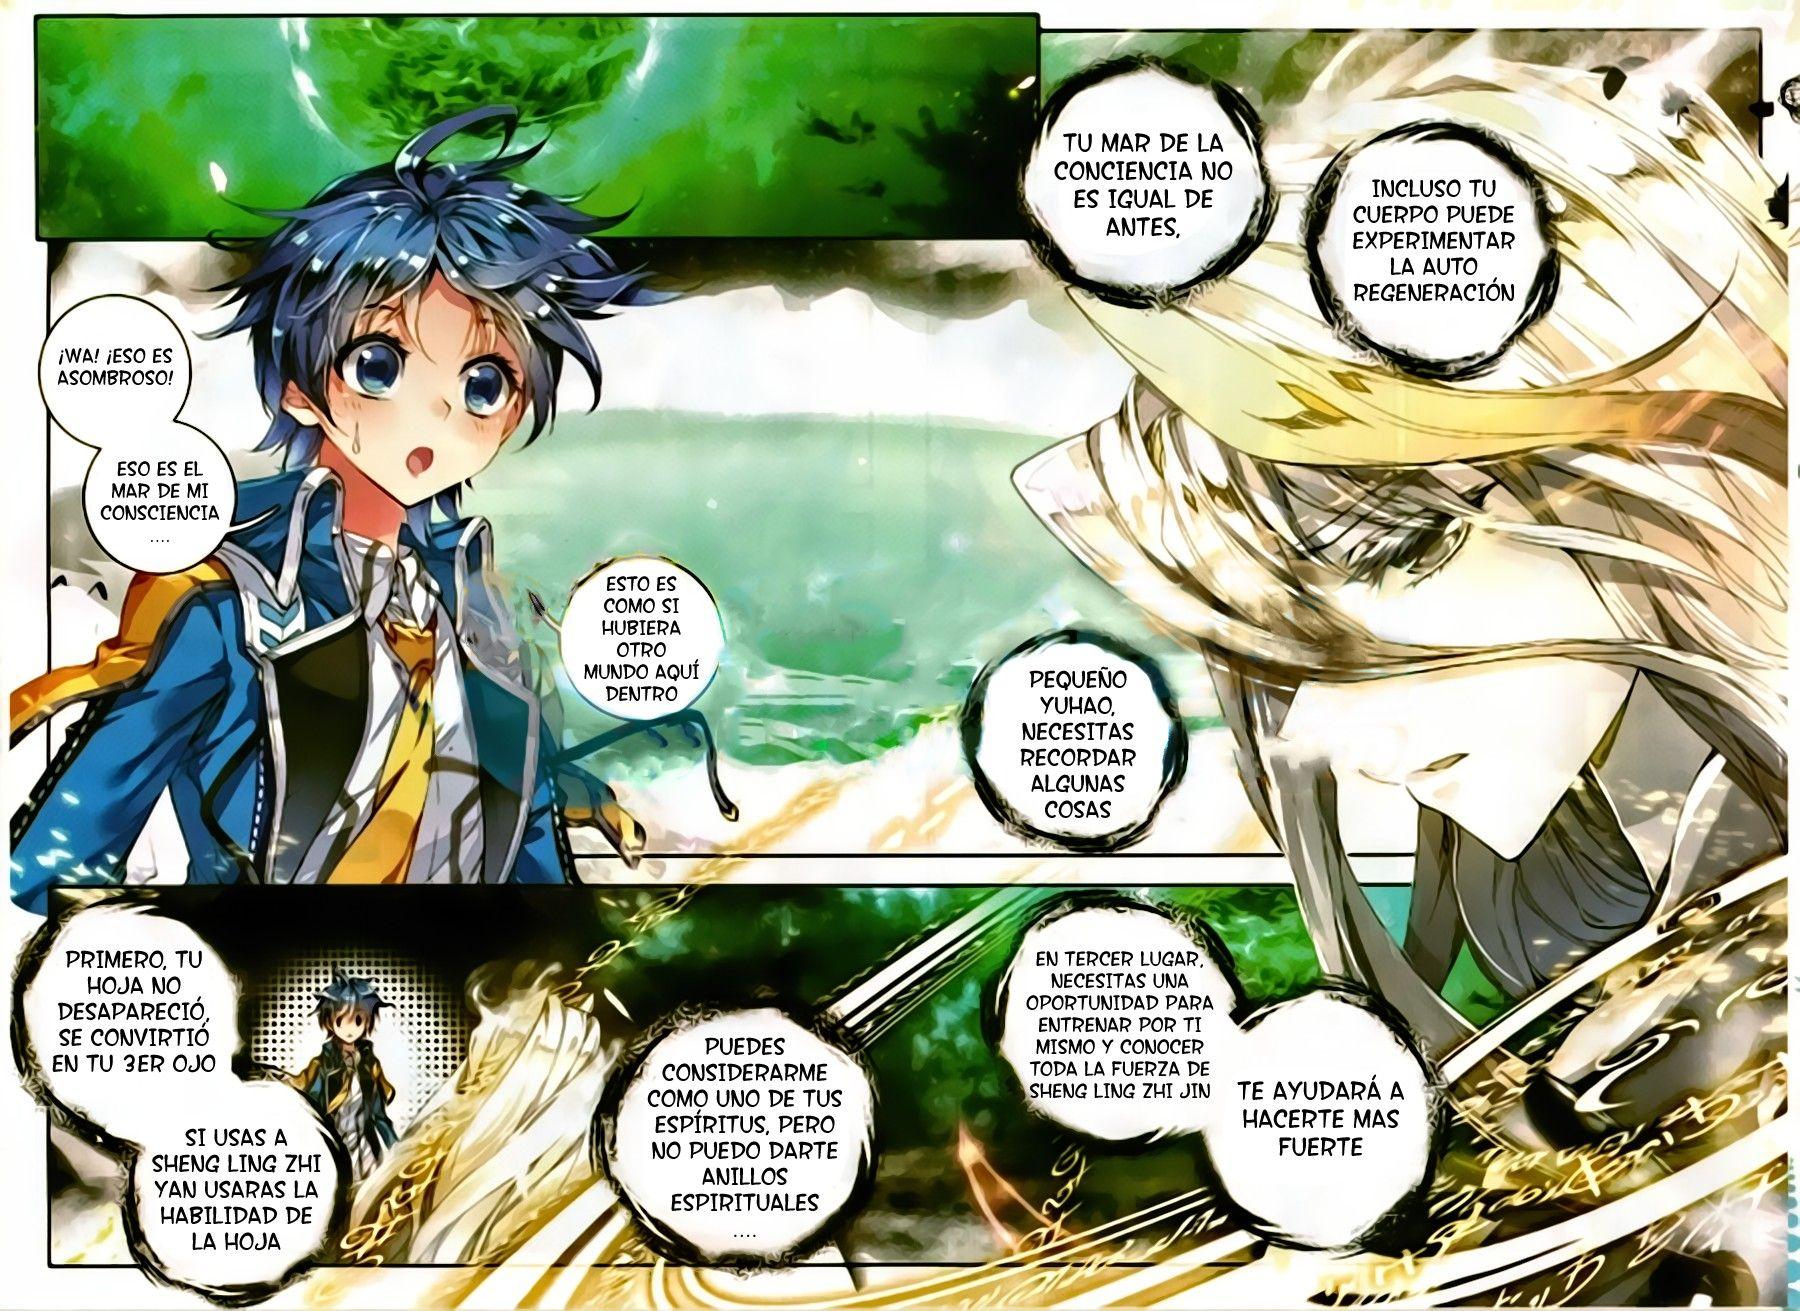 http://c5.ninemanga.com/es_manga/pic2/33/16417/511292/fcb3c01797640c7ec6f32cb00764ba44.jpg Page 2